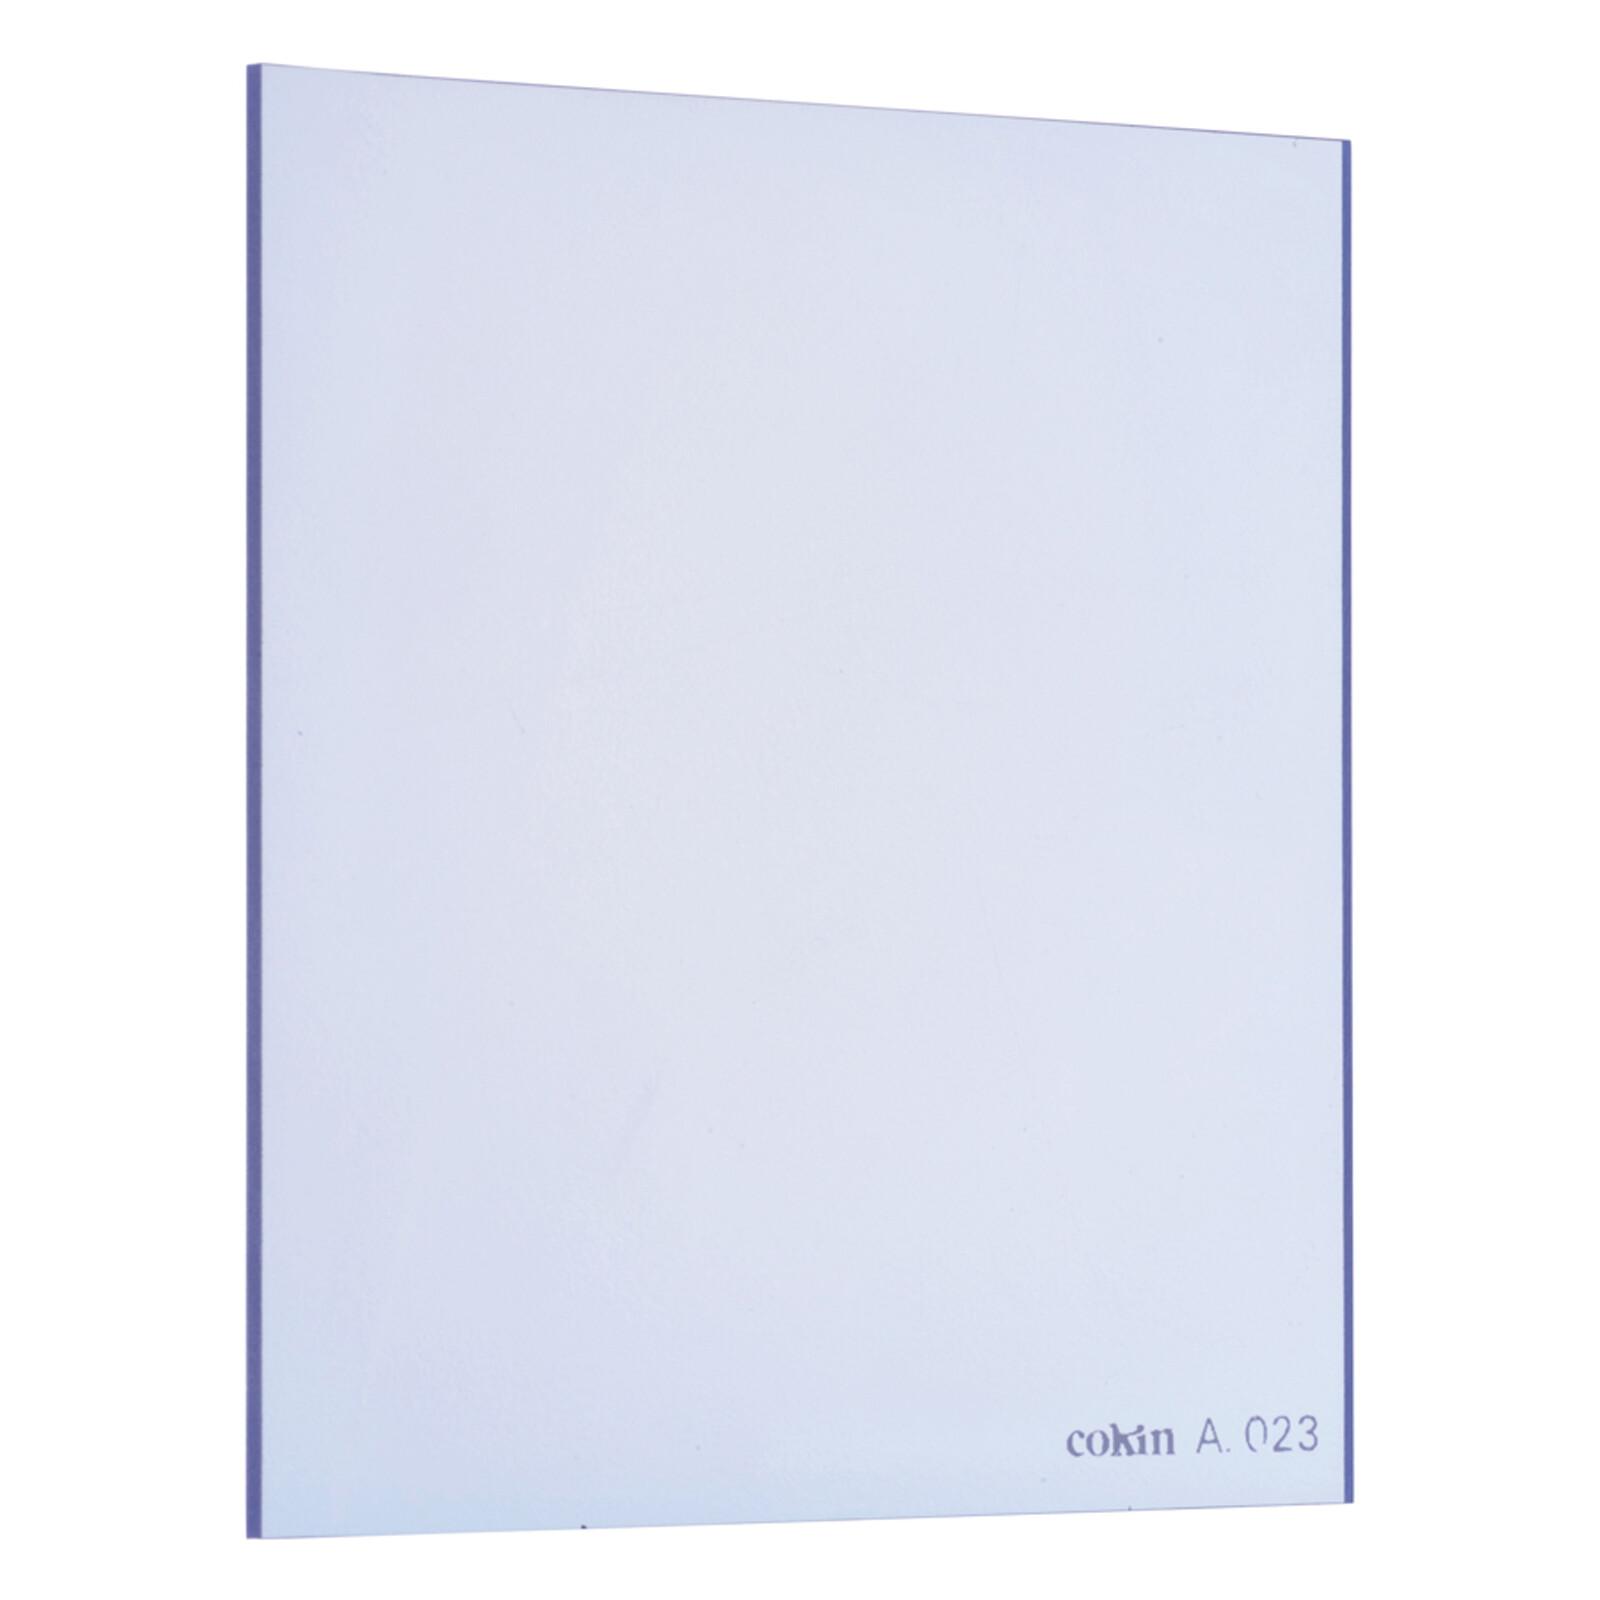 Cokin P023 Konversion Blau 82A